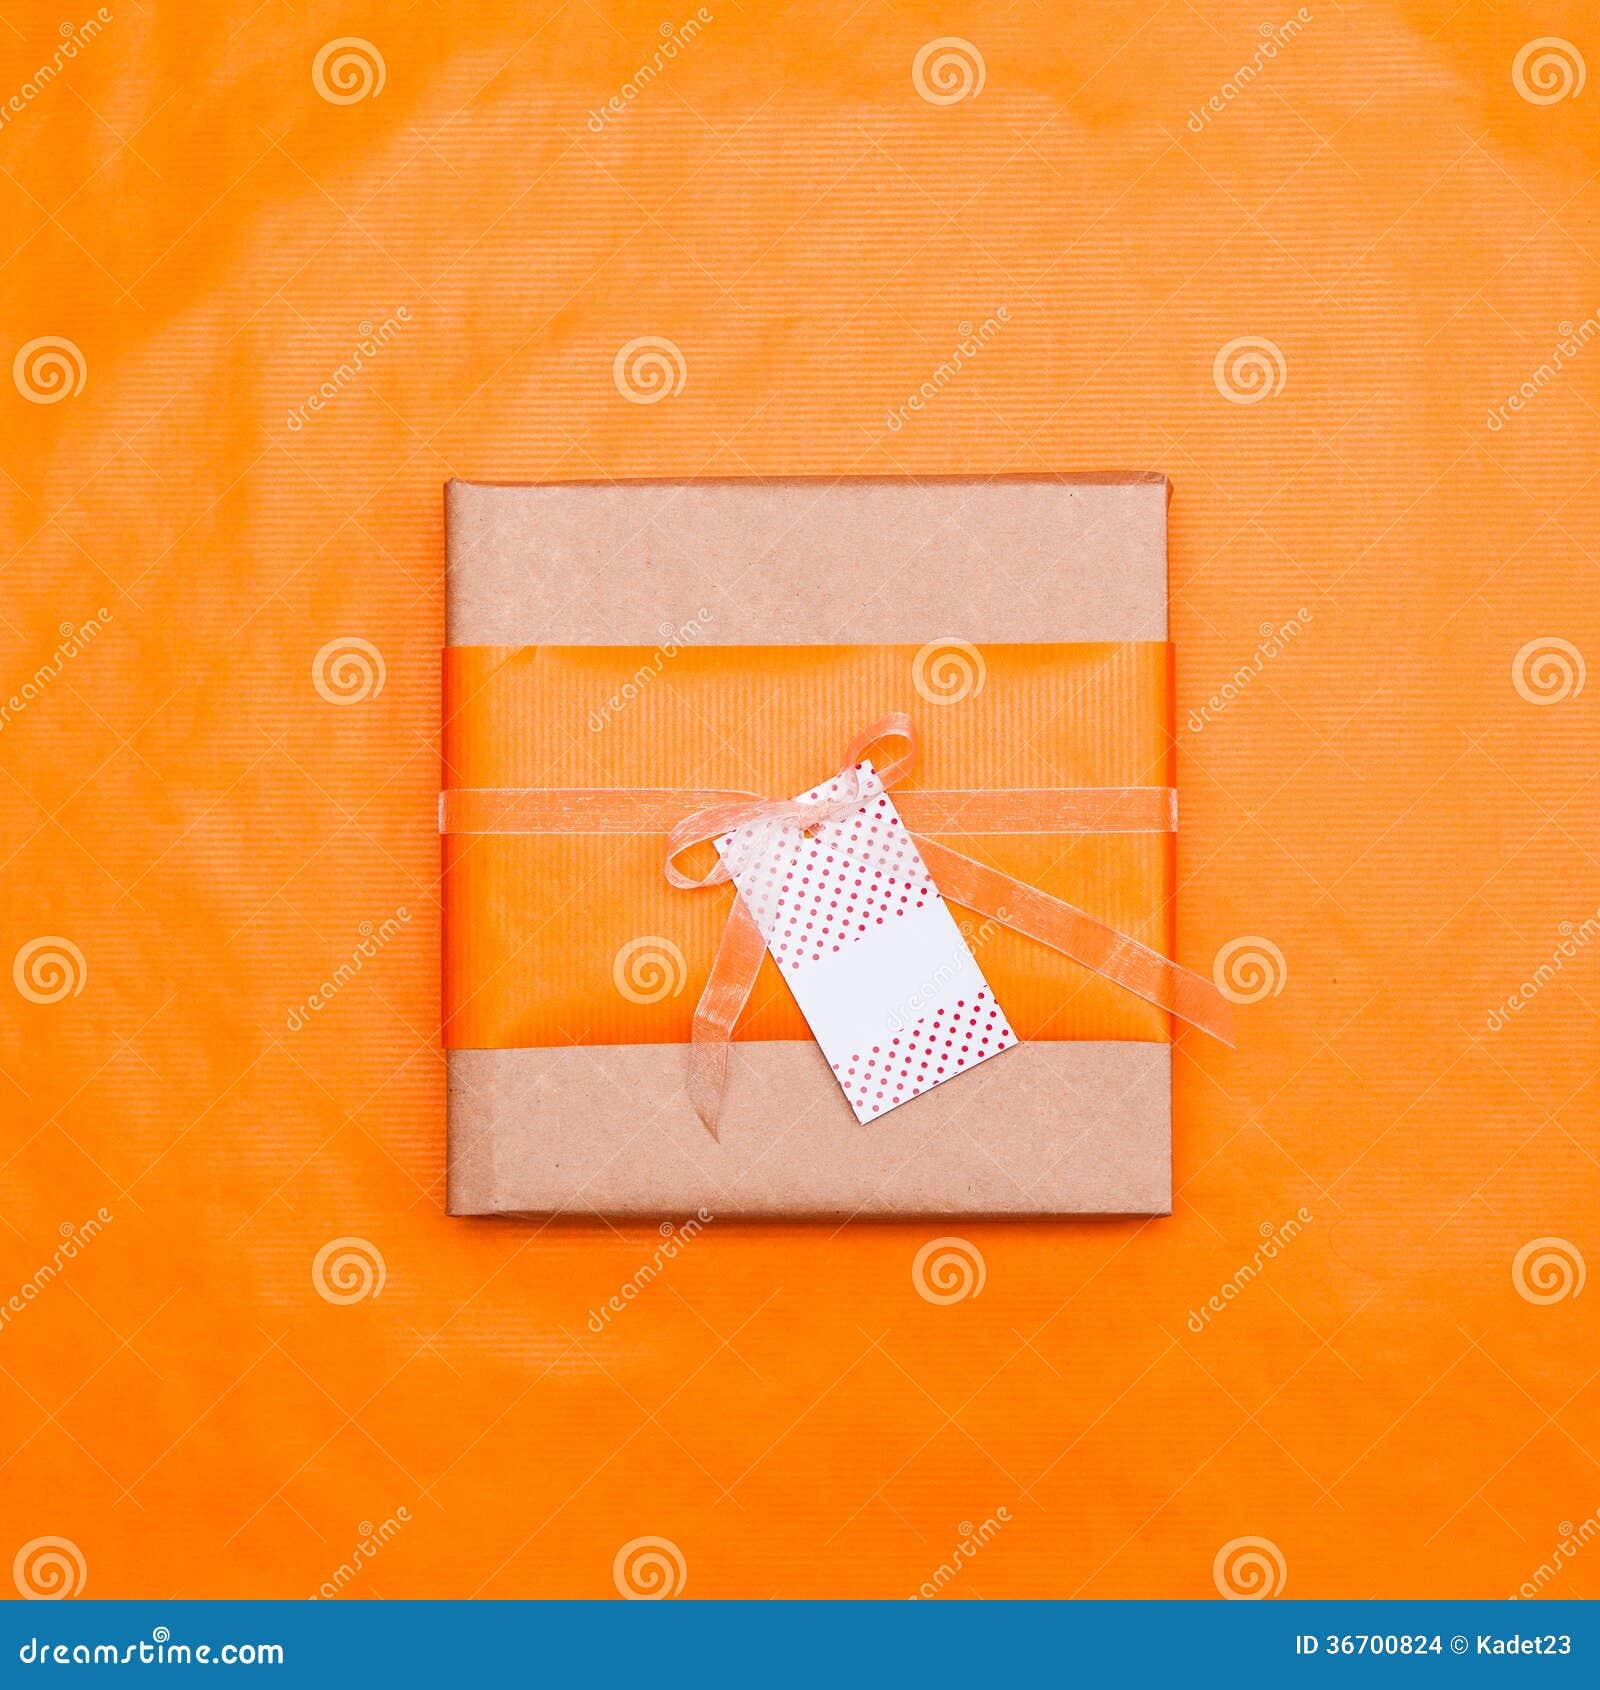 Un Boite Cadeau De Papier Orange Attache Avec Arc Ruban Dorganza Et Une Carte Visite Accrochee La Dessus Devant Le Fond